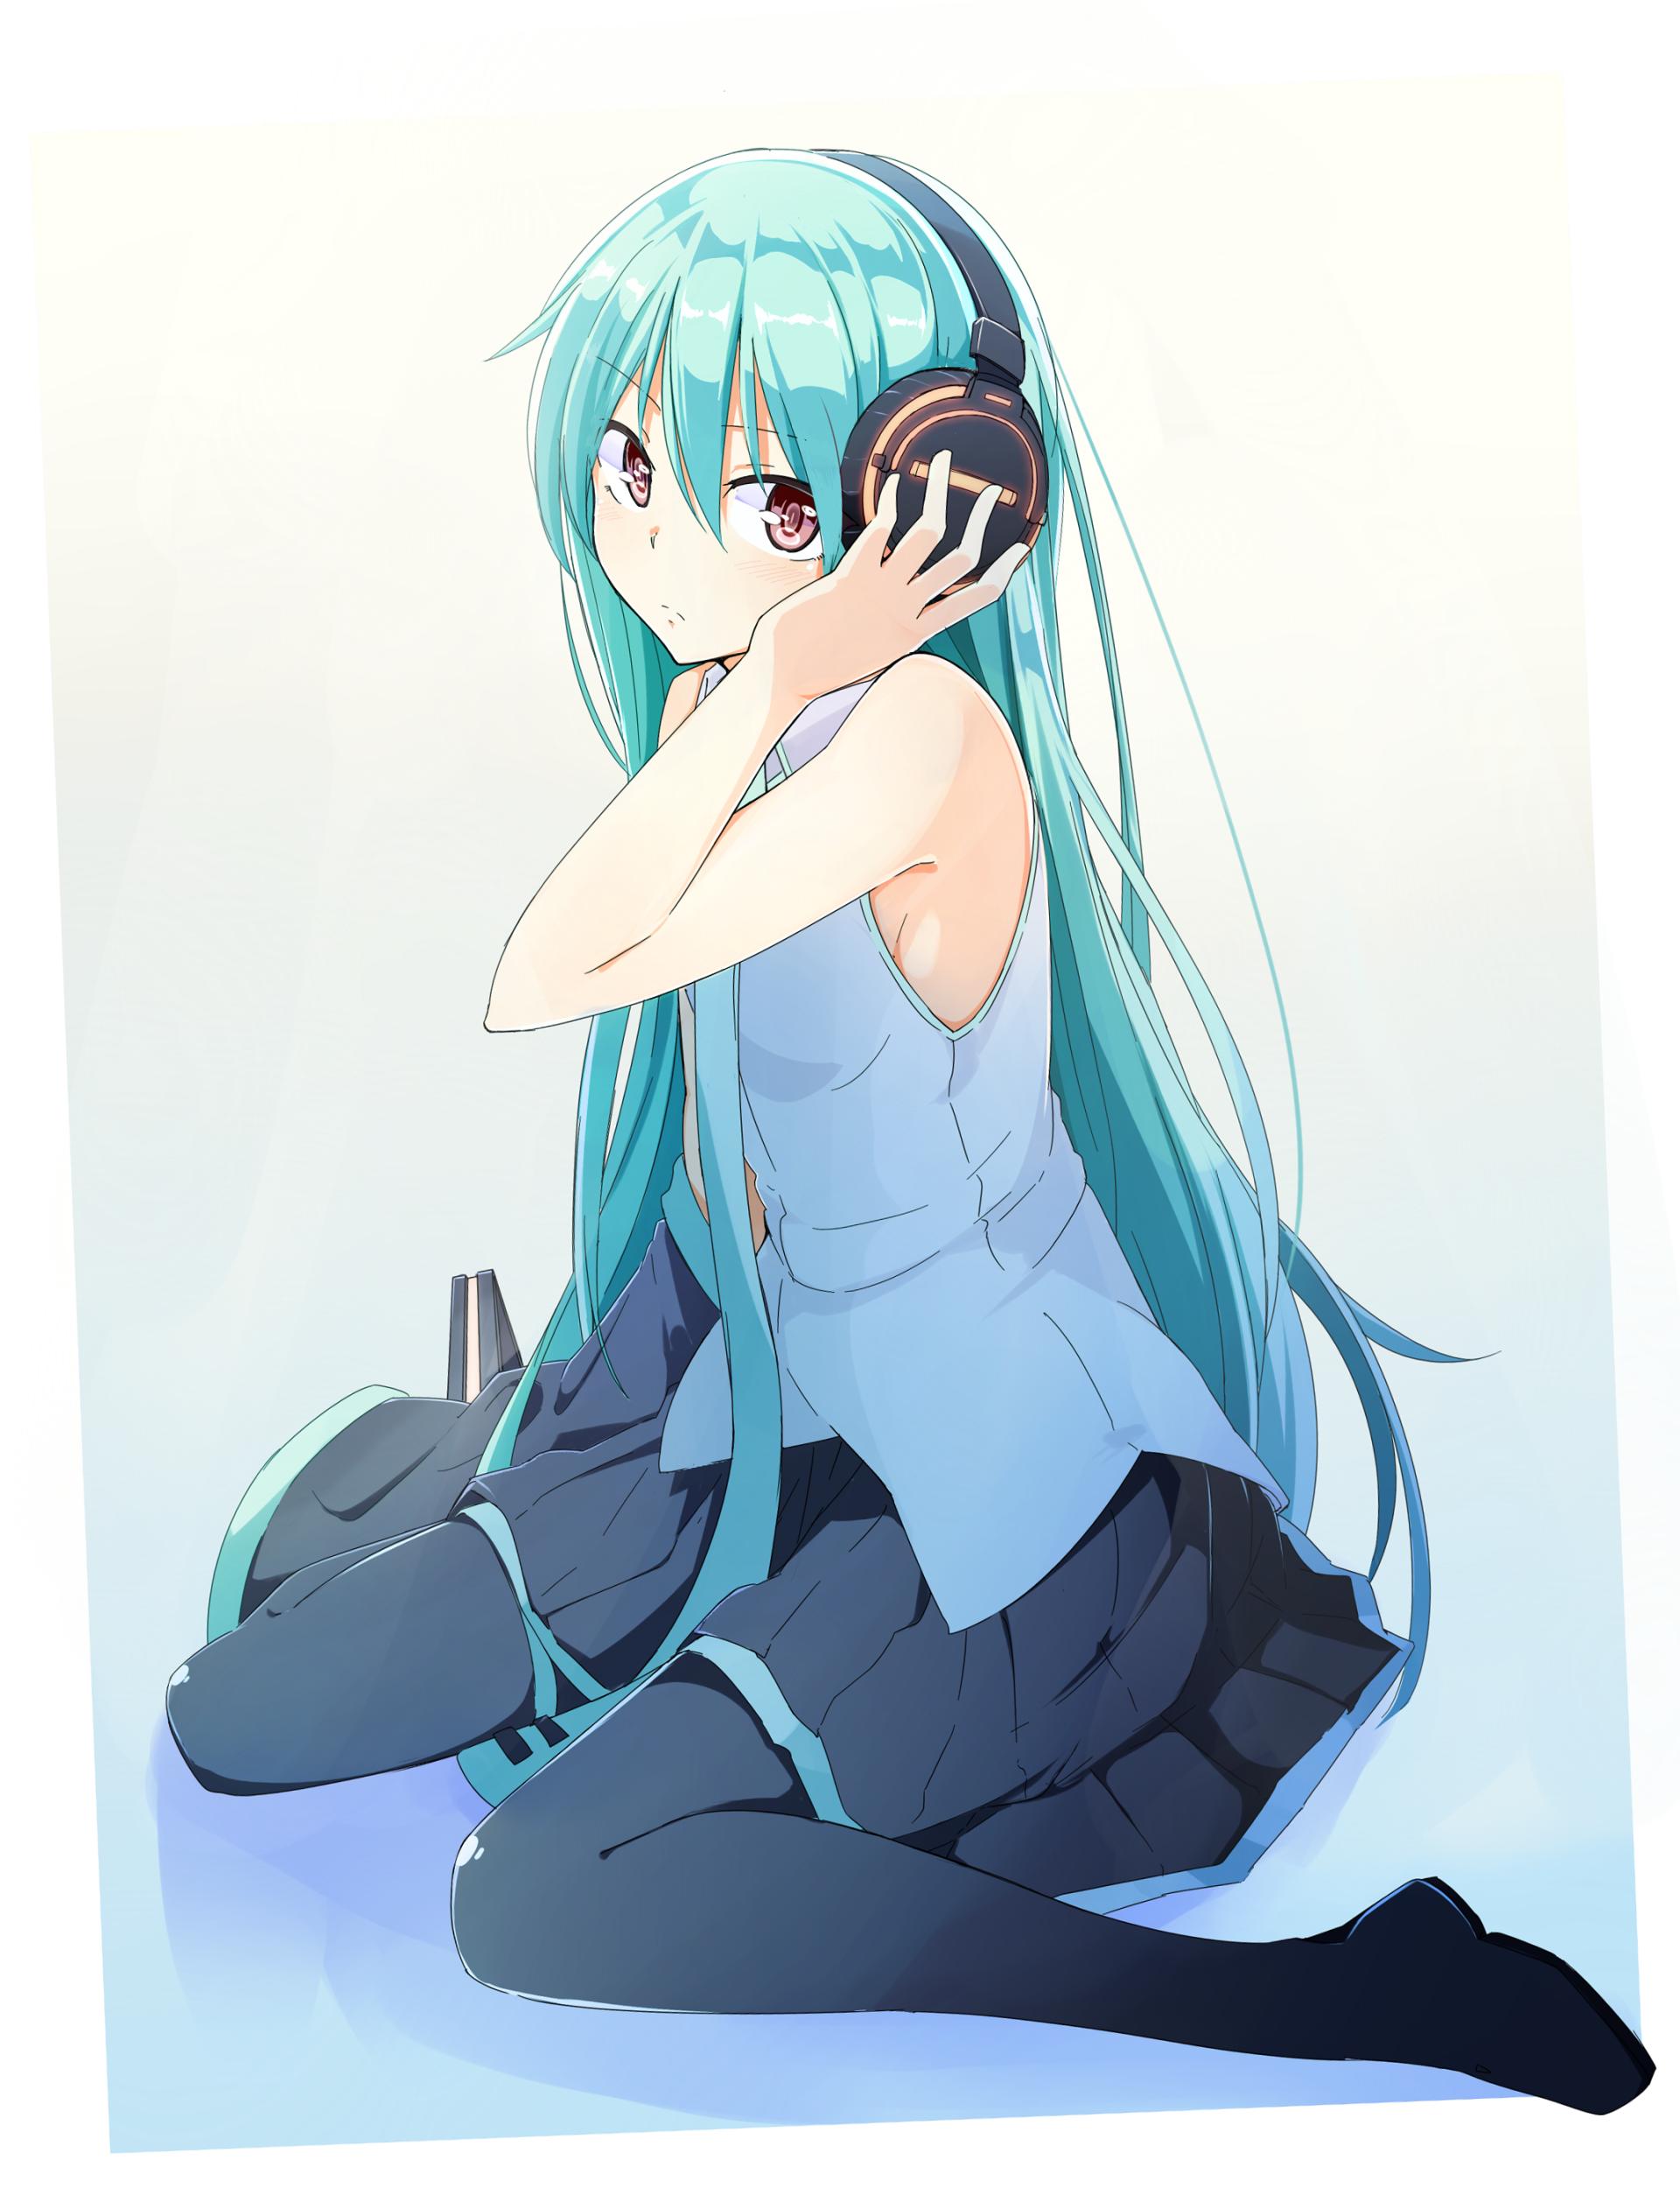 Art ID: 91064